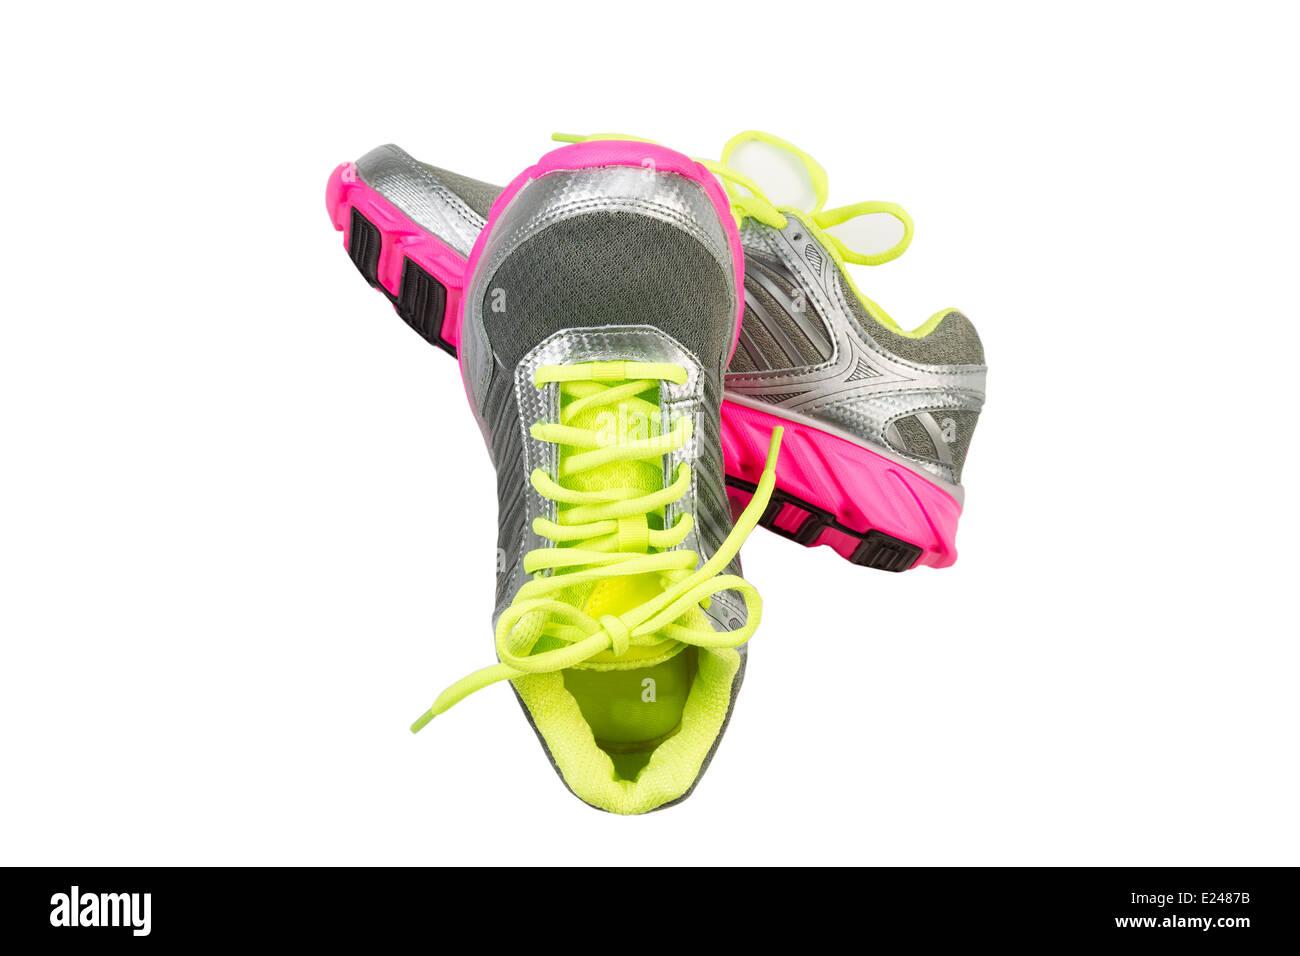 Neue Arbeit Schuhe in leuchtenden Grün, Silber und rosa Farben, isoliert auf weiss Stockbild